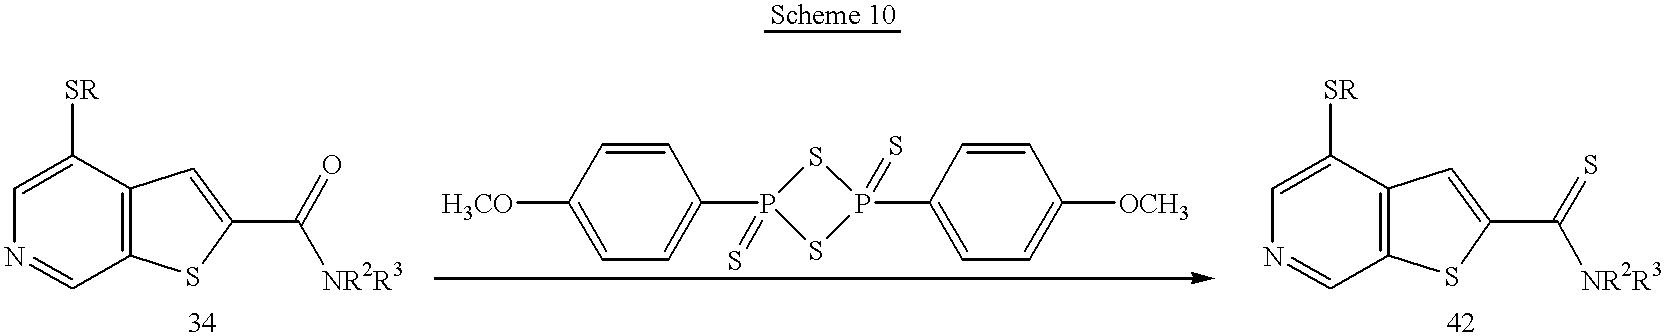 Figure US06232320-20010515-C00014